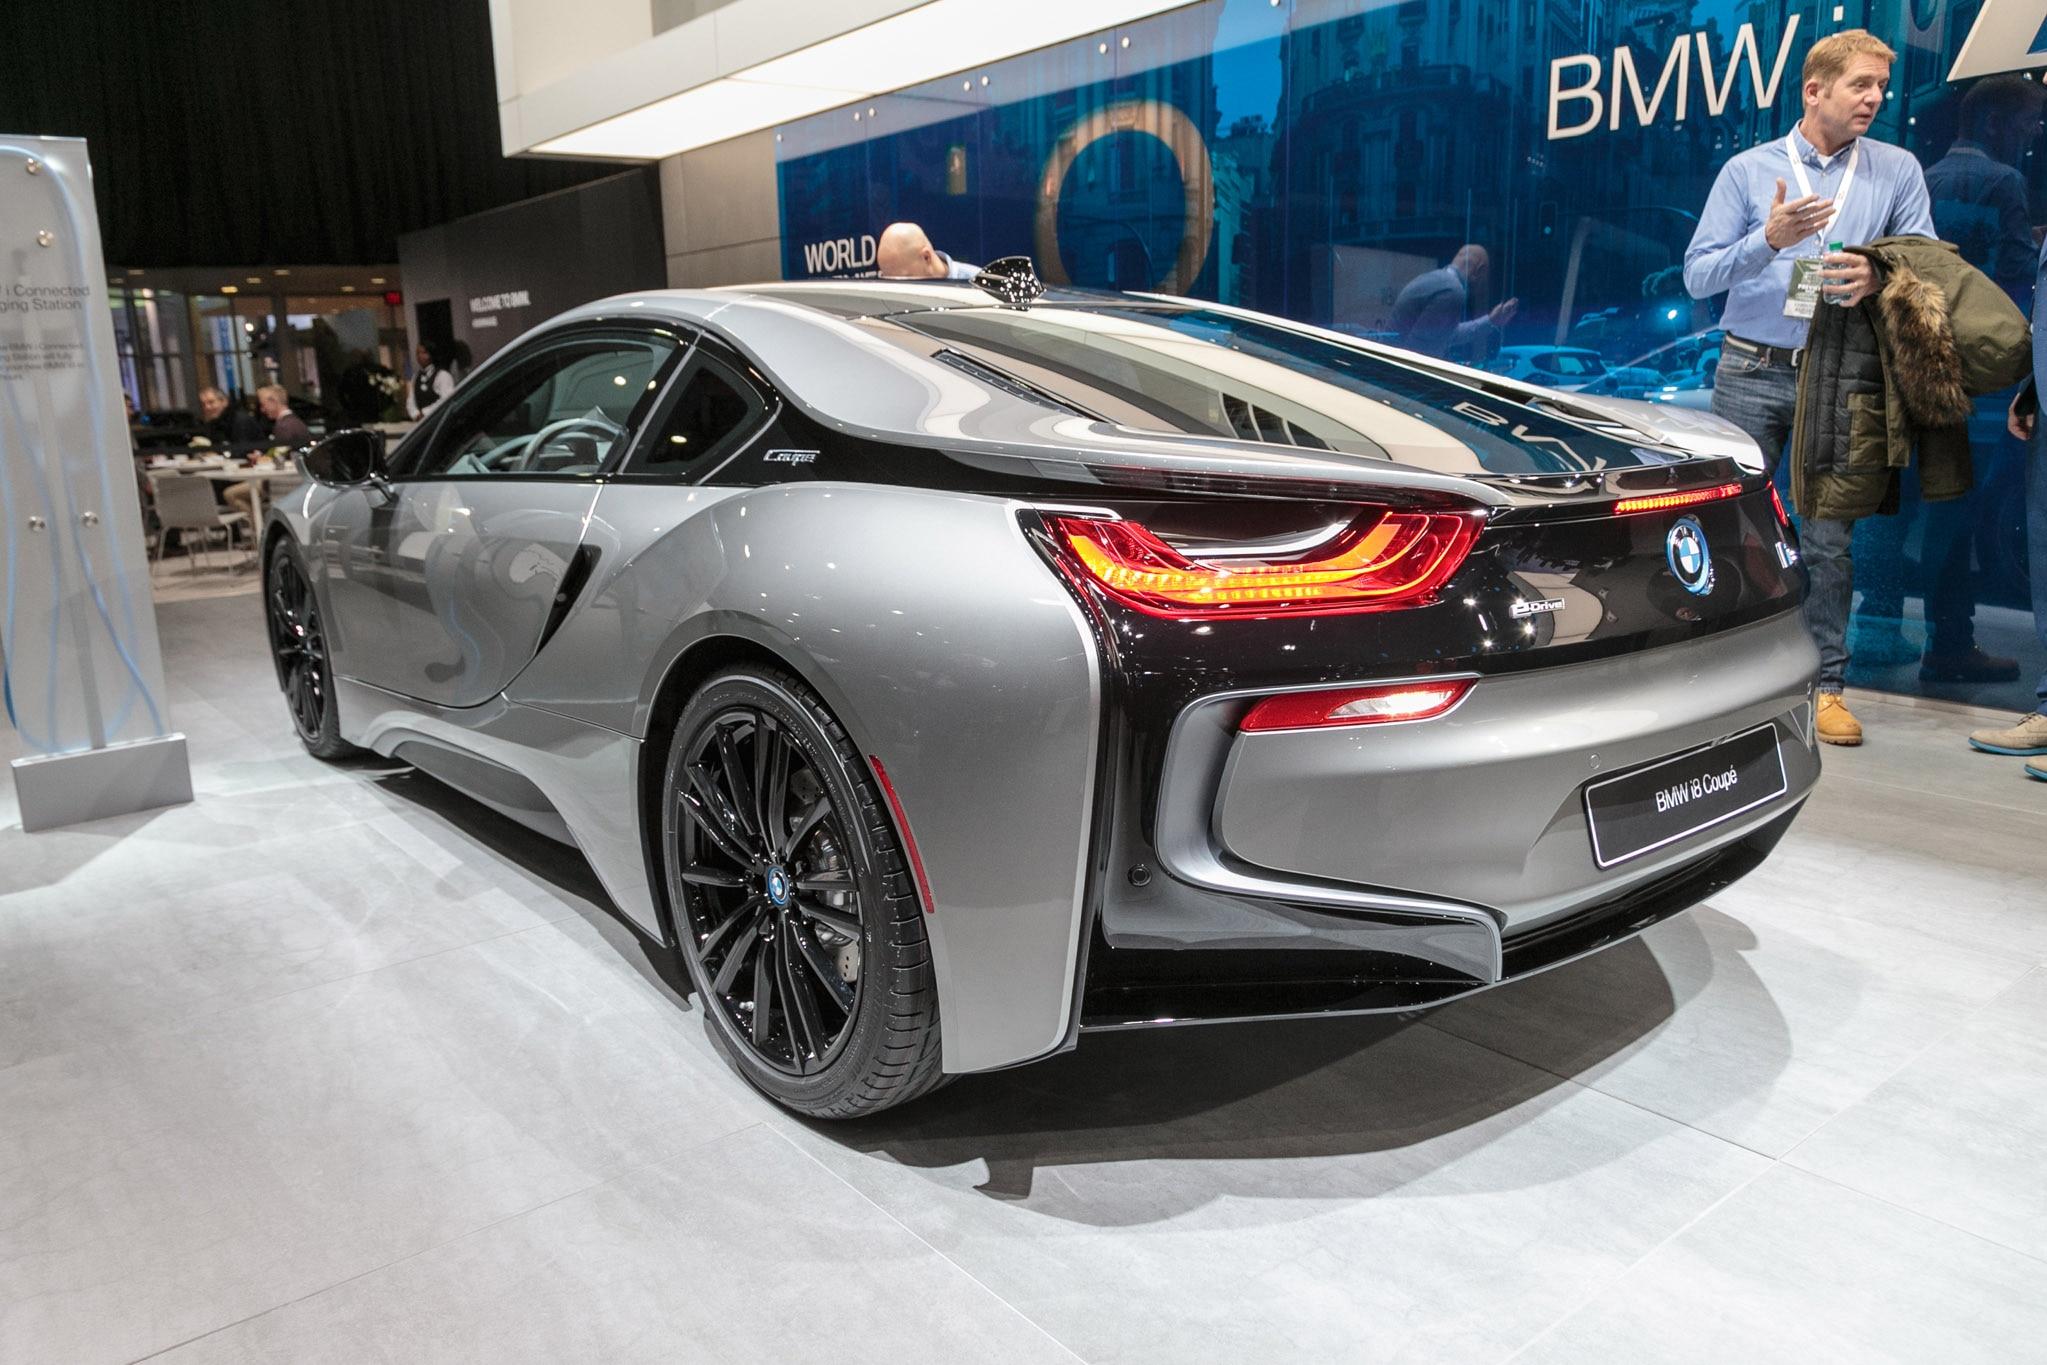 2019 BMW I8 Coupe Rear Three Quarter